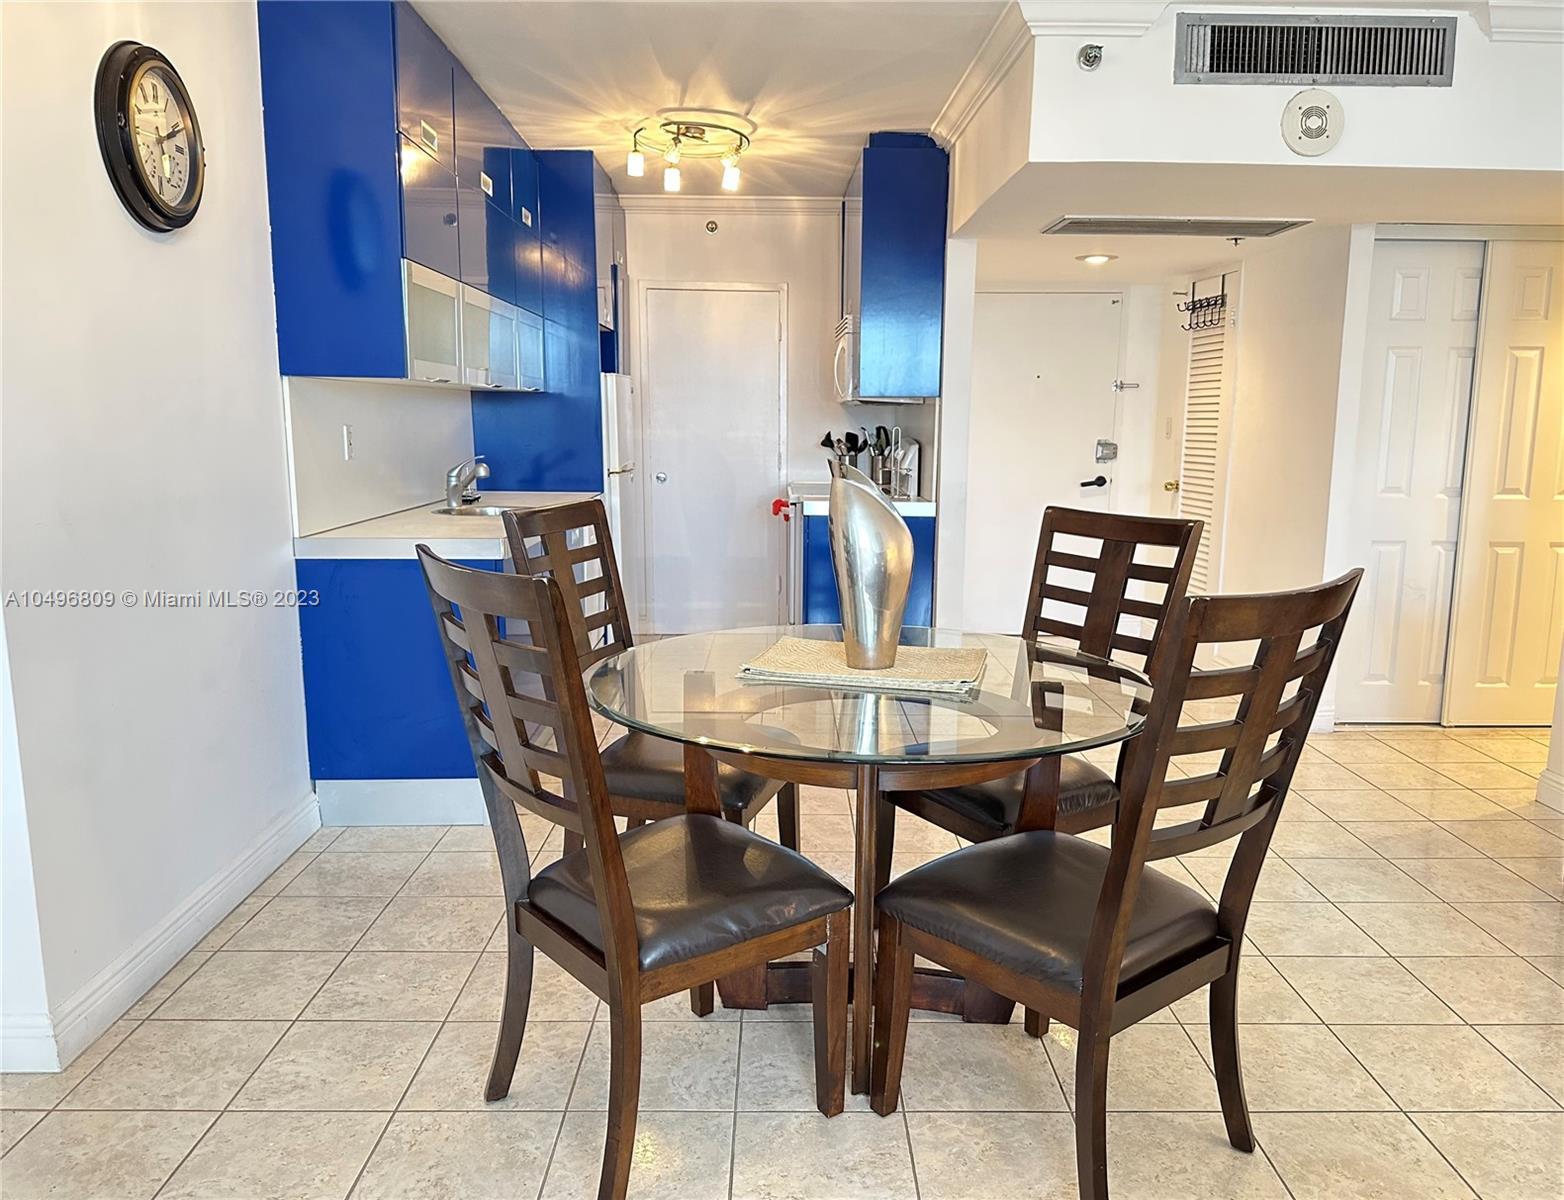 Bedroom 2 Queen size beds